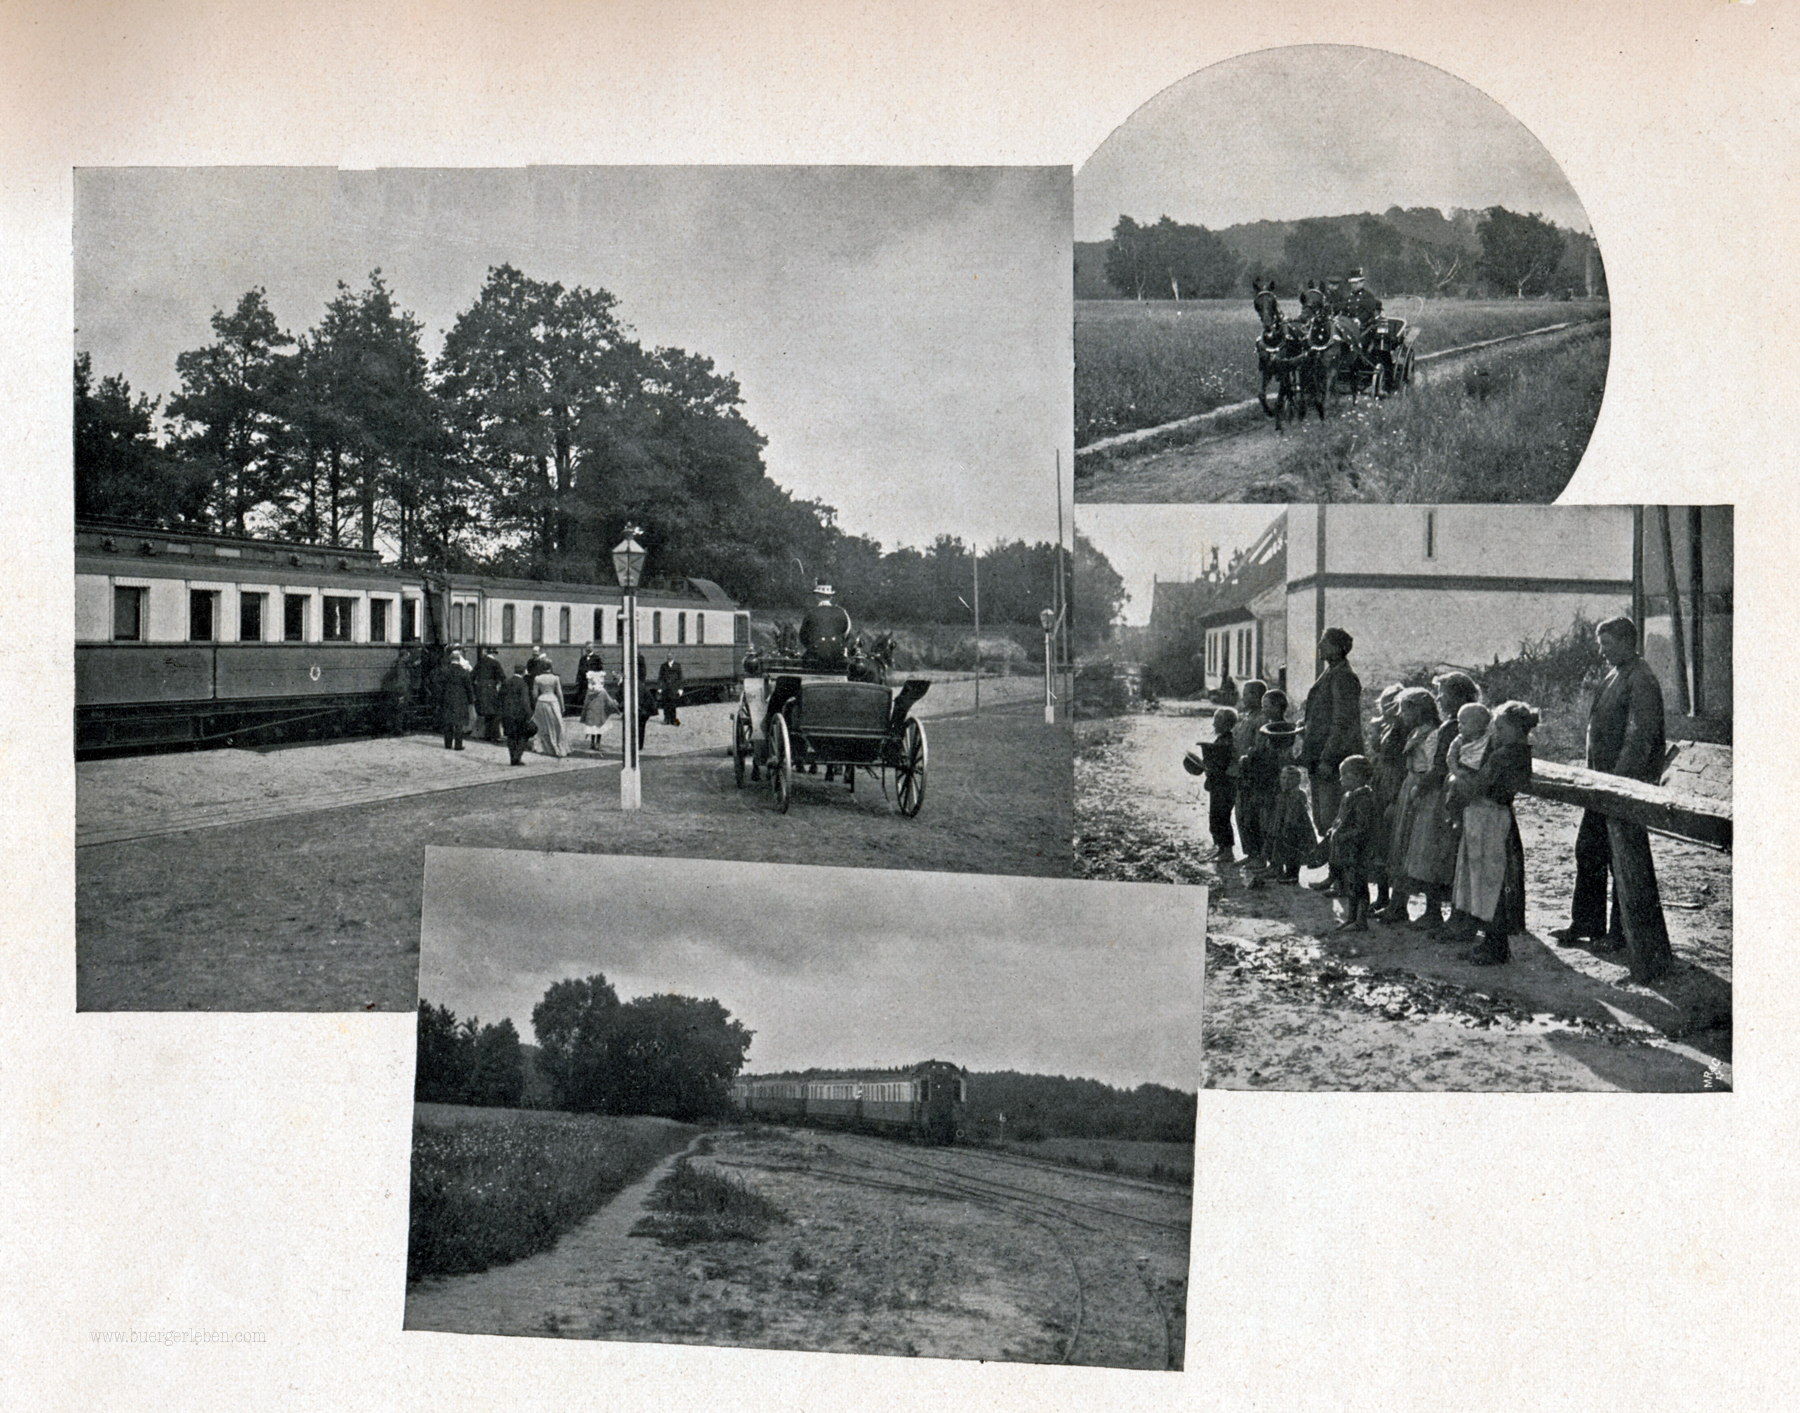 sommeraufenthalt-der-deutschen-kaiserfamilie-cadinen-s.20_abreise-der-kaiserlichen-familie